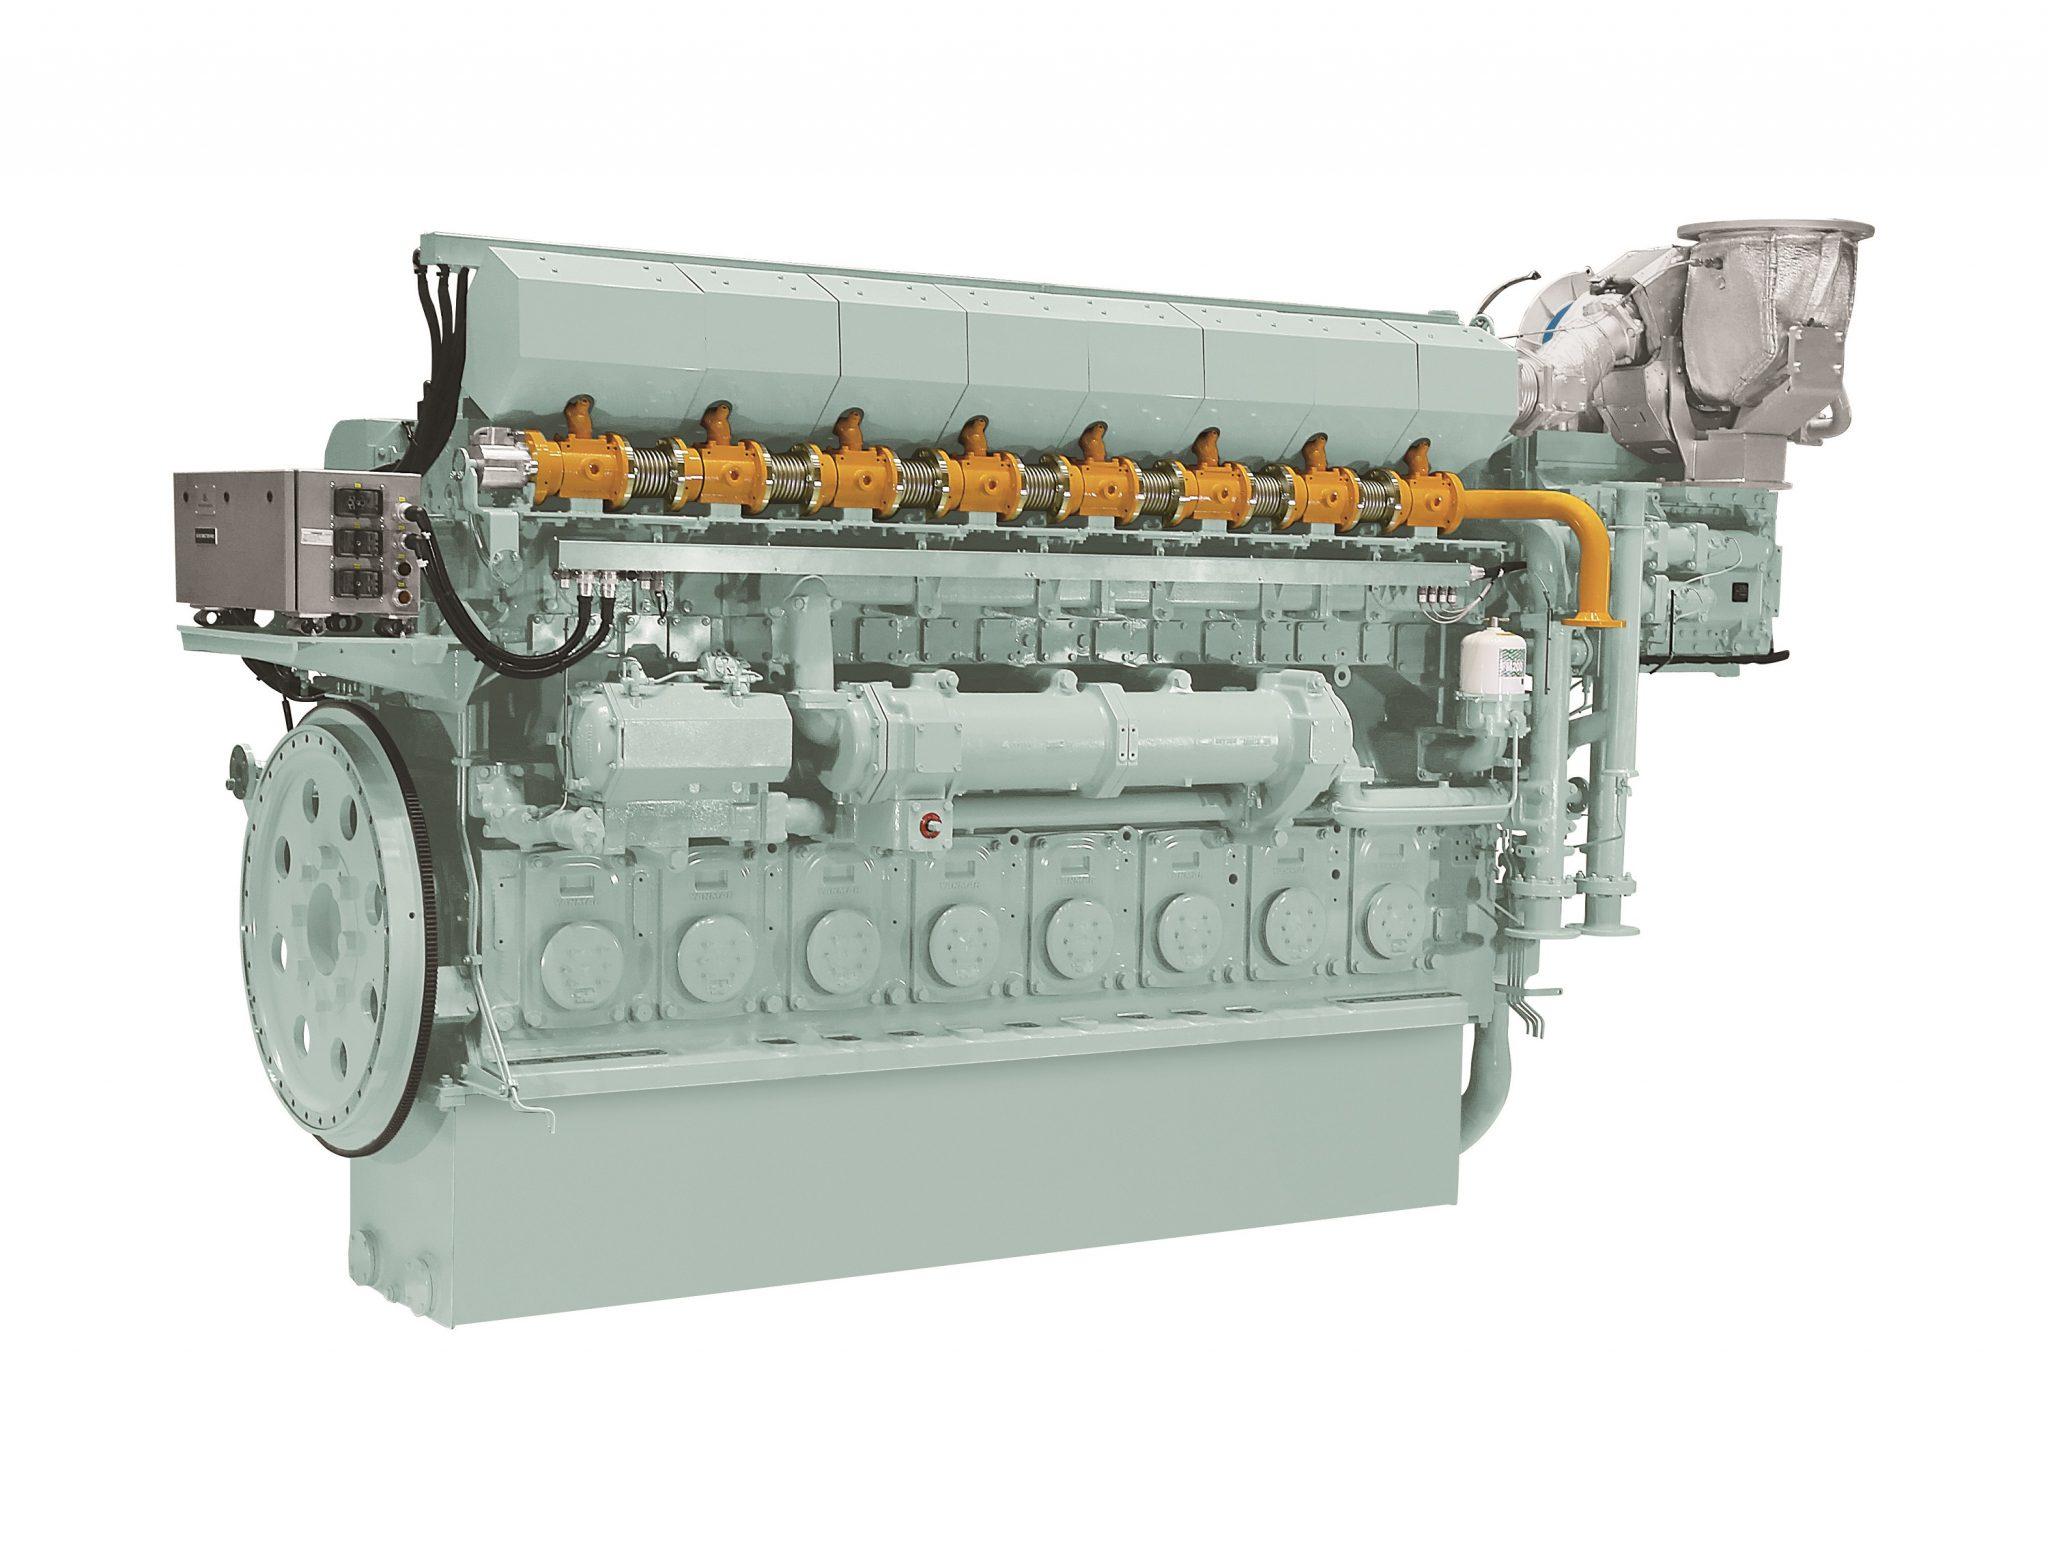 تامین موتور گازسوز برای شناورهای ژاپنی توسط یانمار